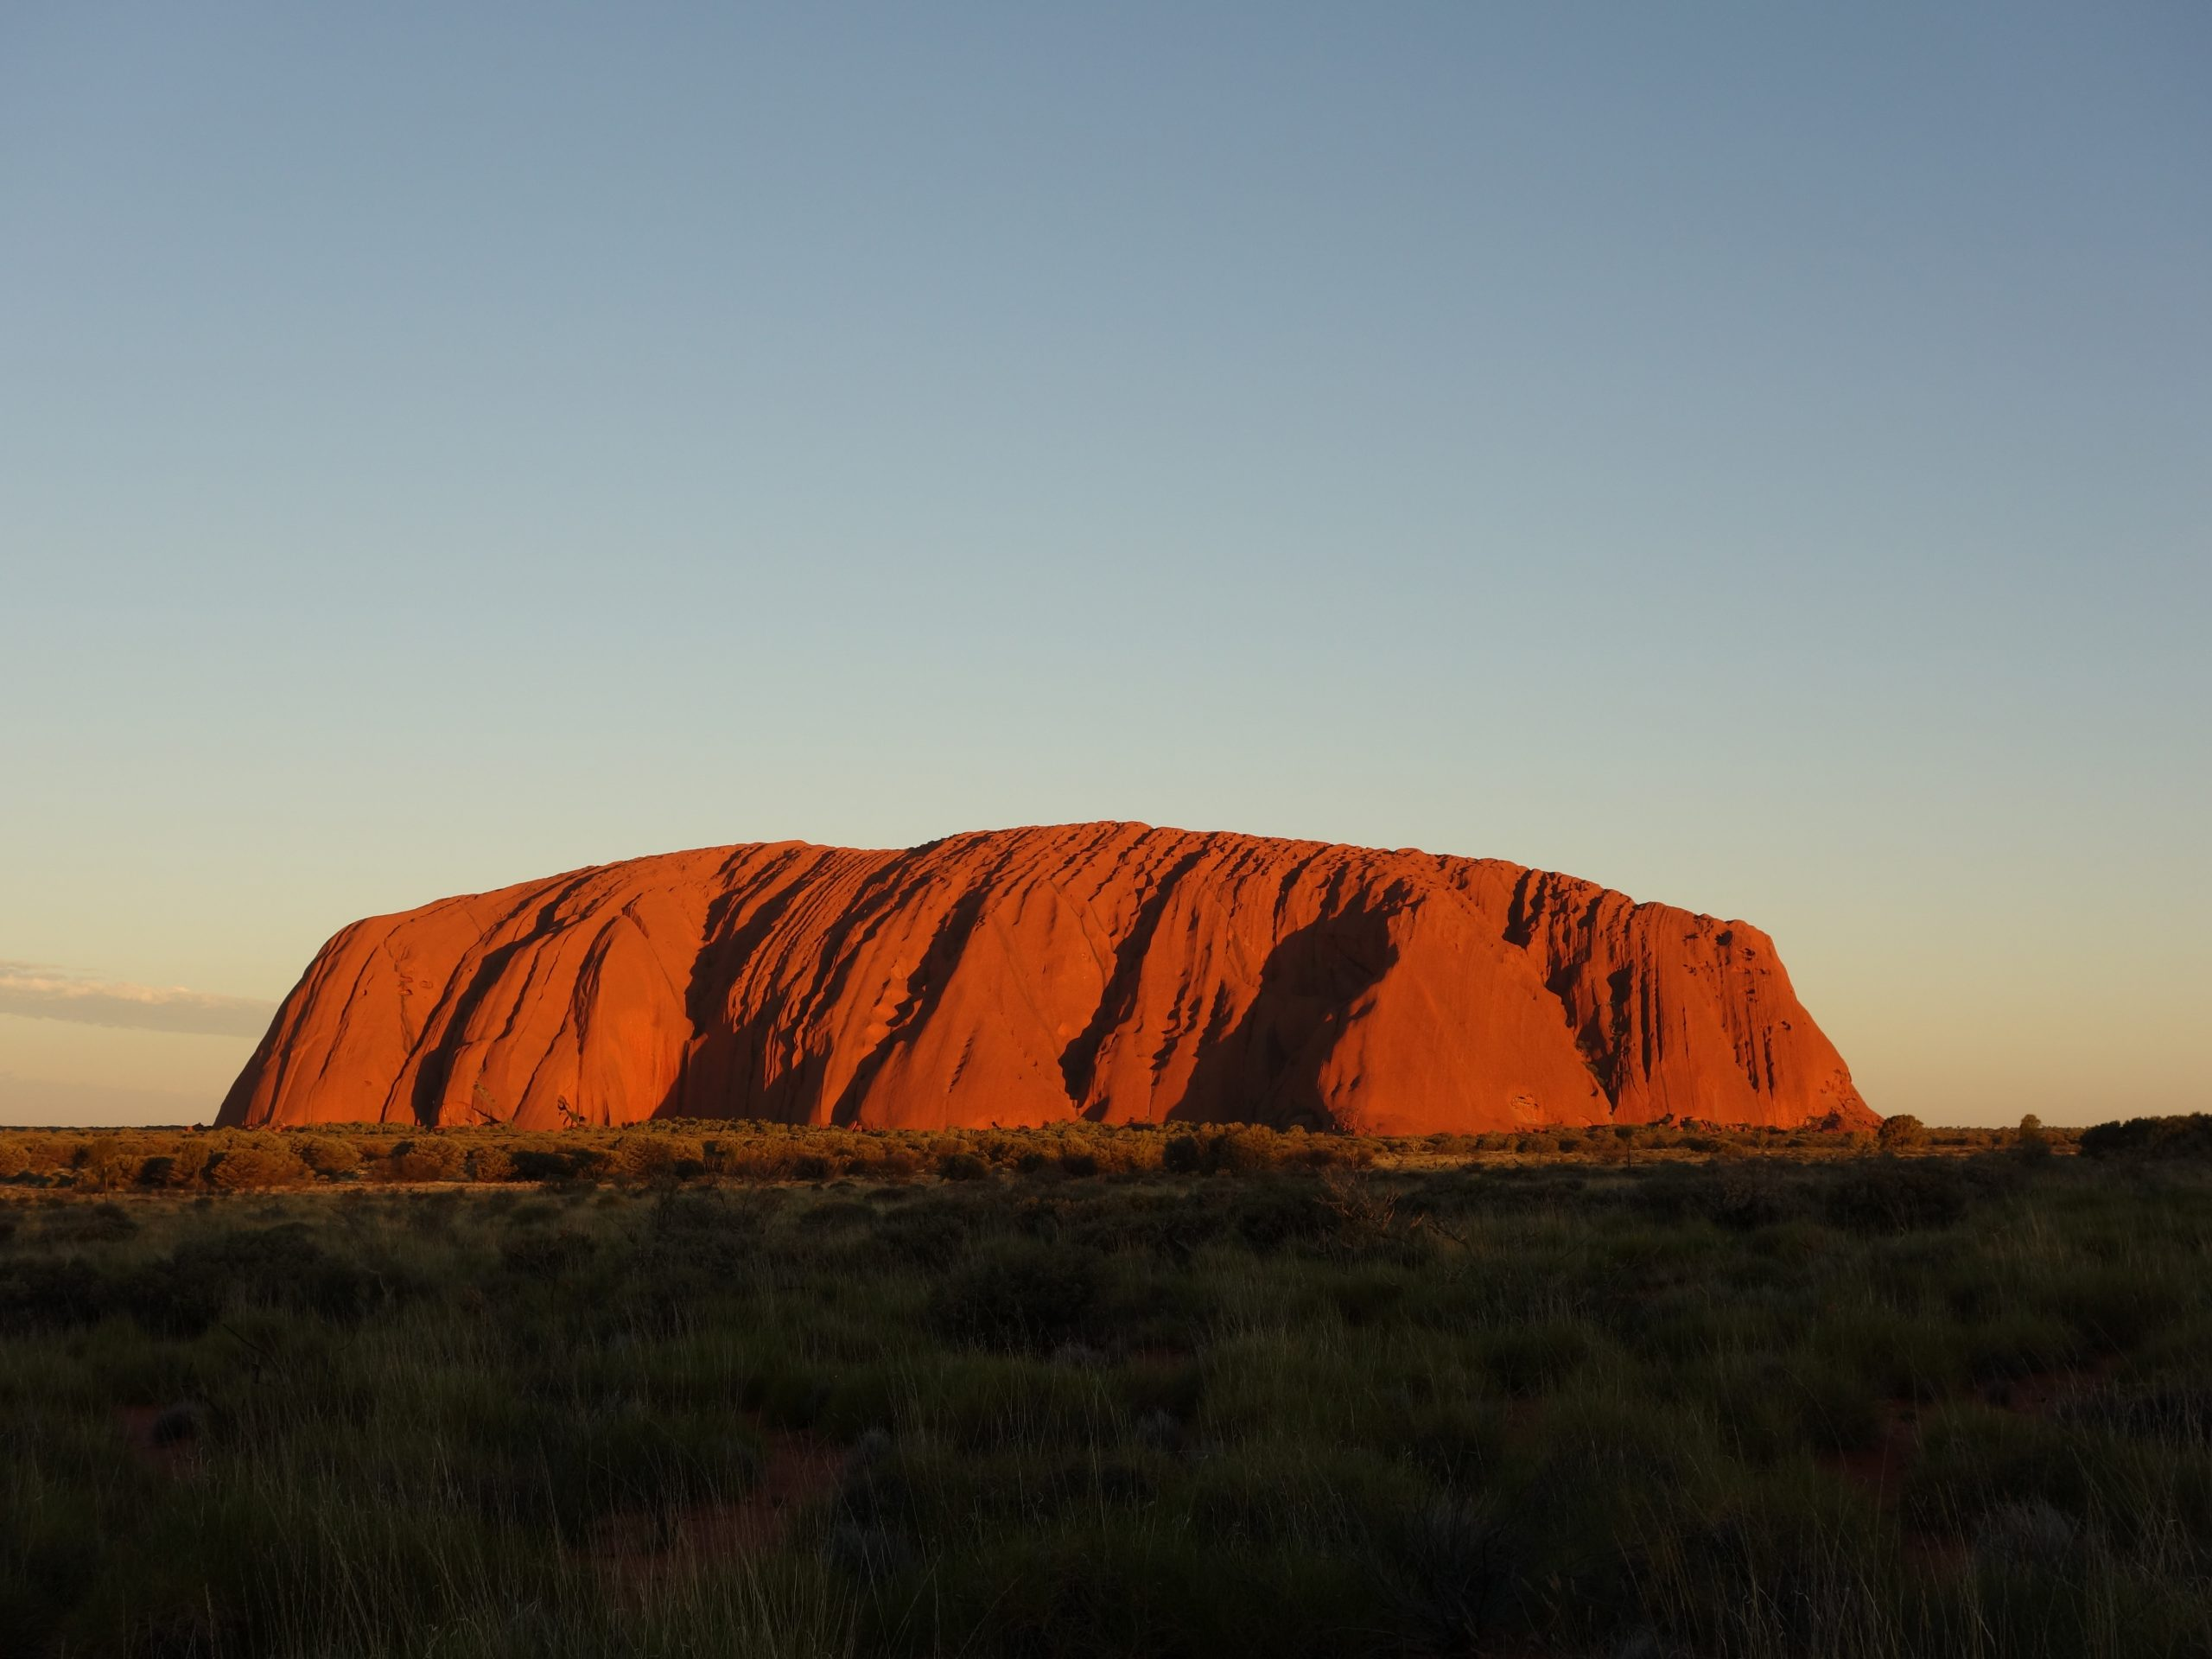 Radreise Australien 2016 - Sonnenuntergang am Uluru